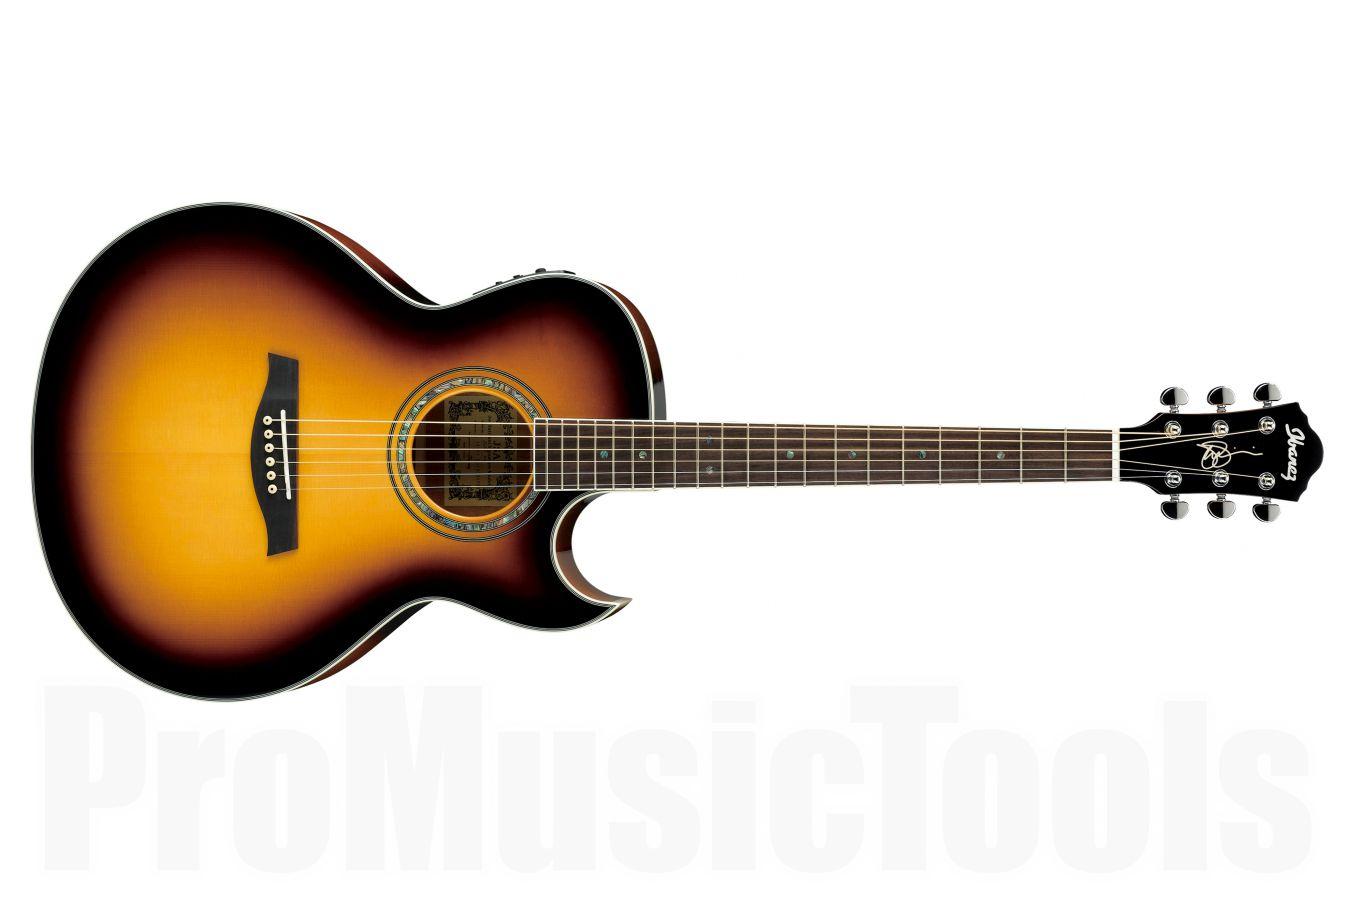 Ibanez JSA5 VB - Vintage Burst - Joe Satriani Signature - b-stock